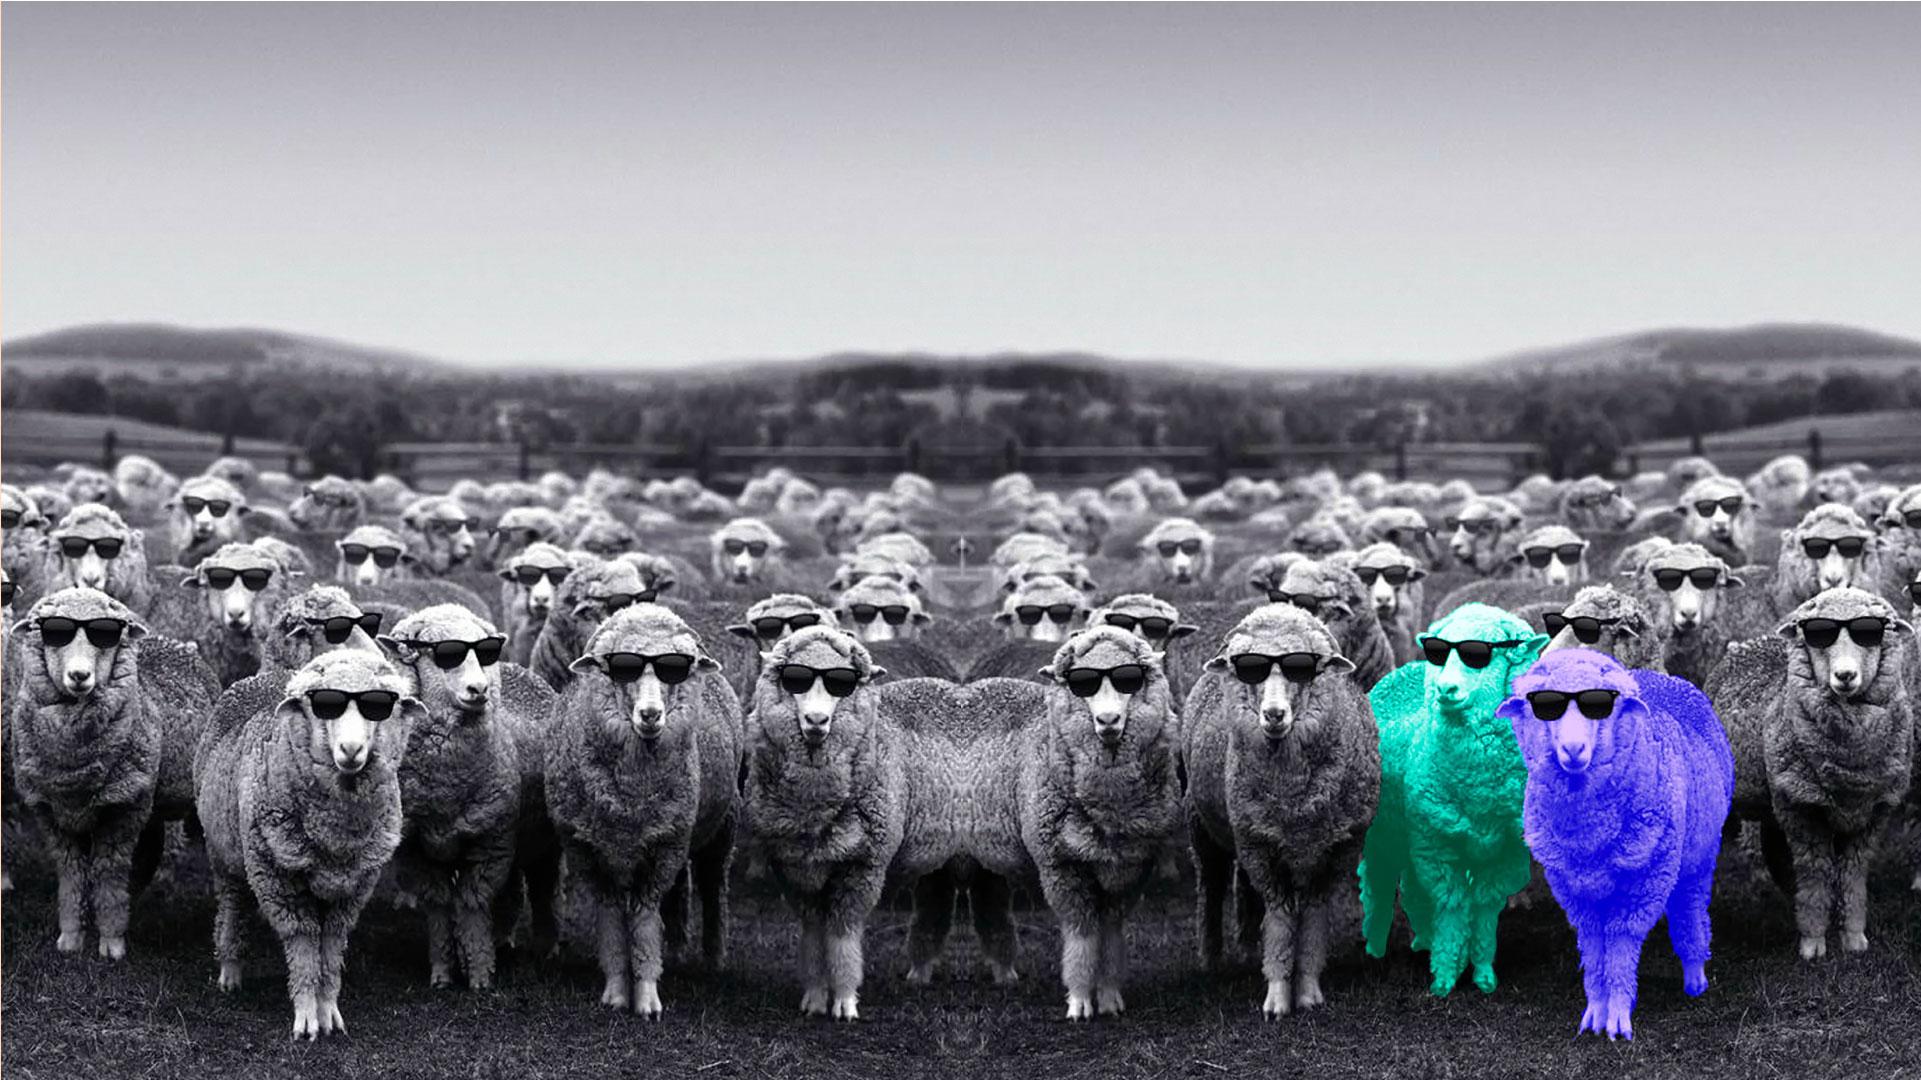 Edgee agence événementielle évènements Paris -visuel-home-moutons-lunette-fluo Edgee-Accueil des événements Supersolidaroécoloptimistic'